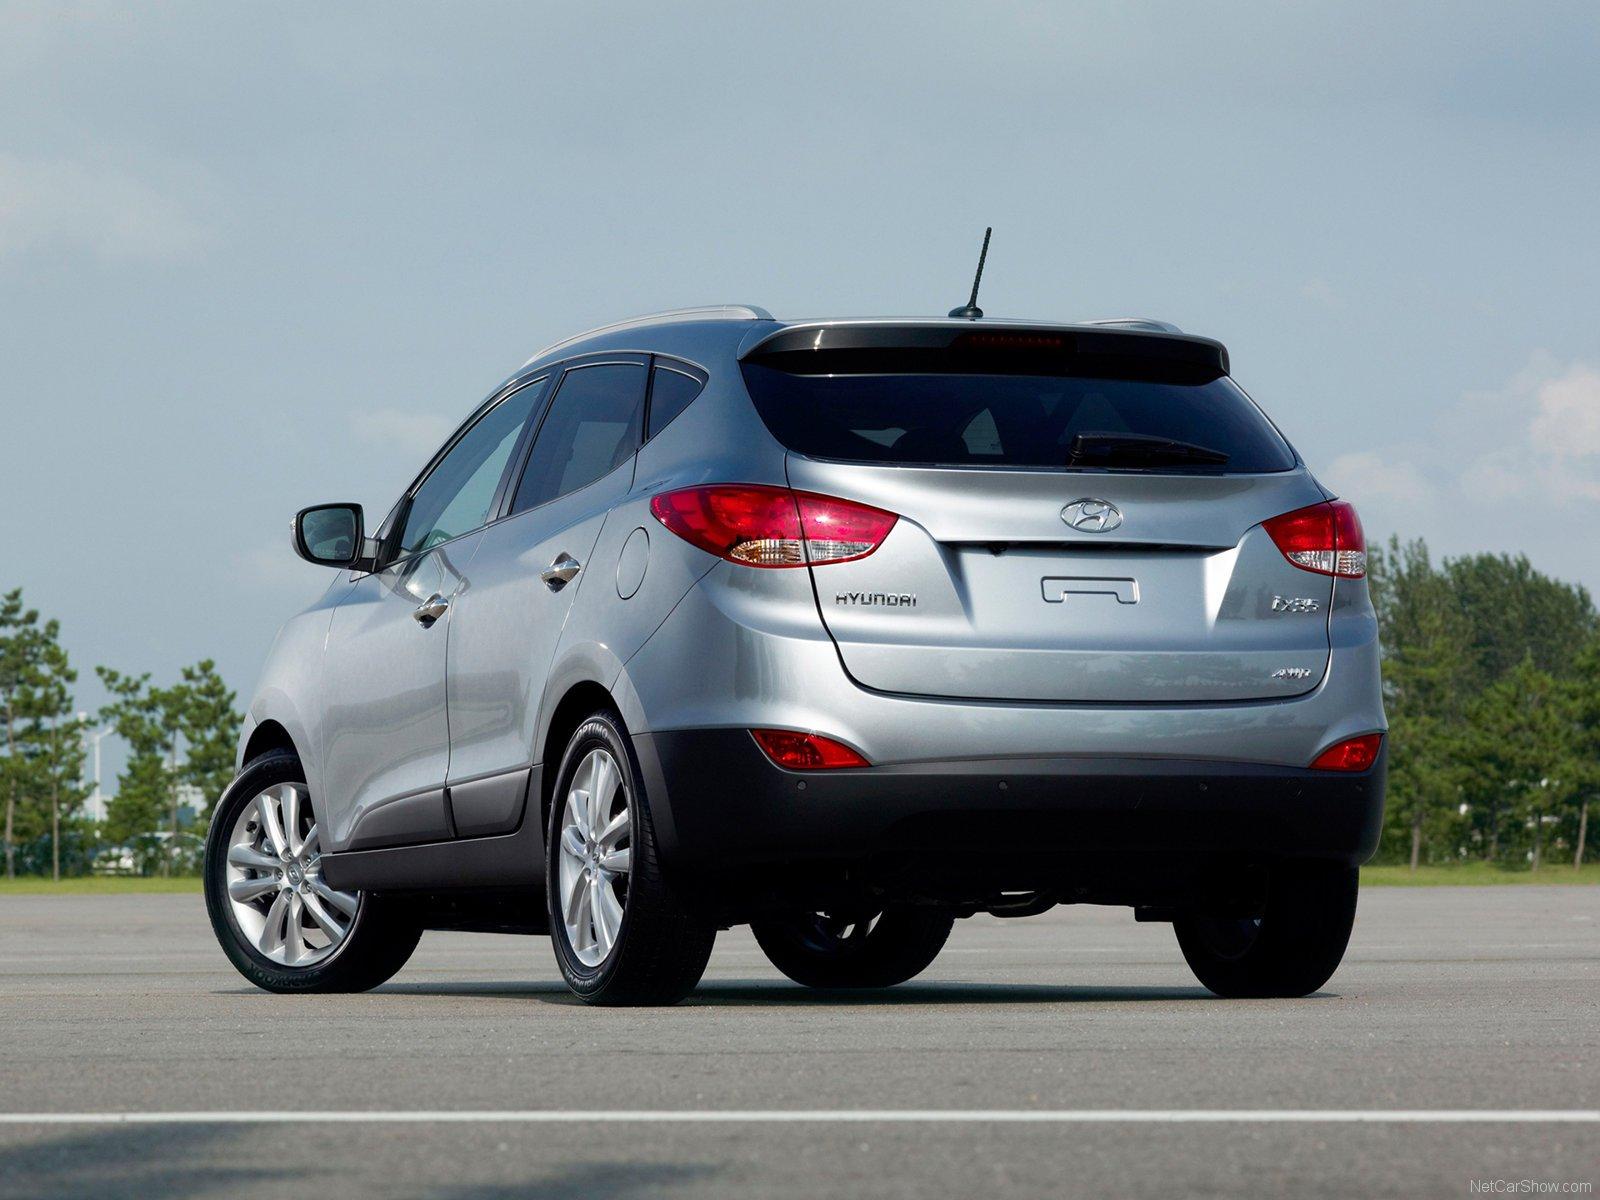 Послегарантийное обслуживание Hyundai ix35: доступность и стоимость запчастей